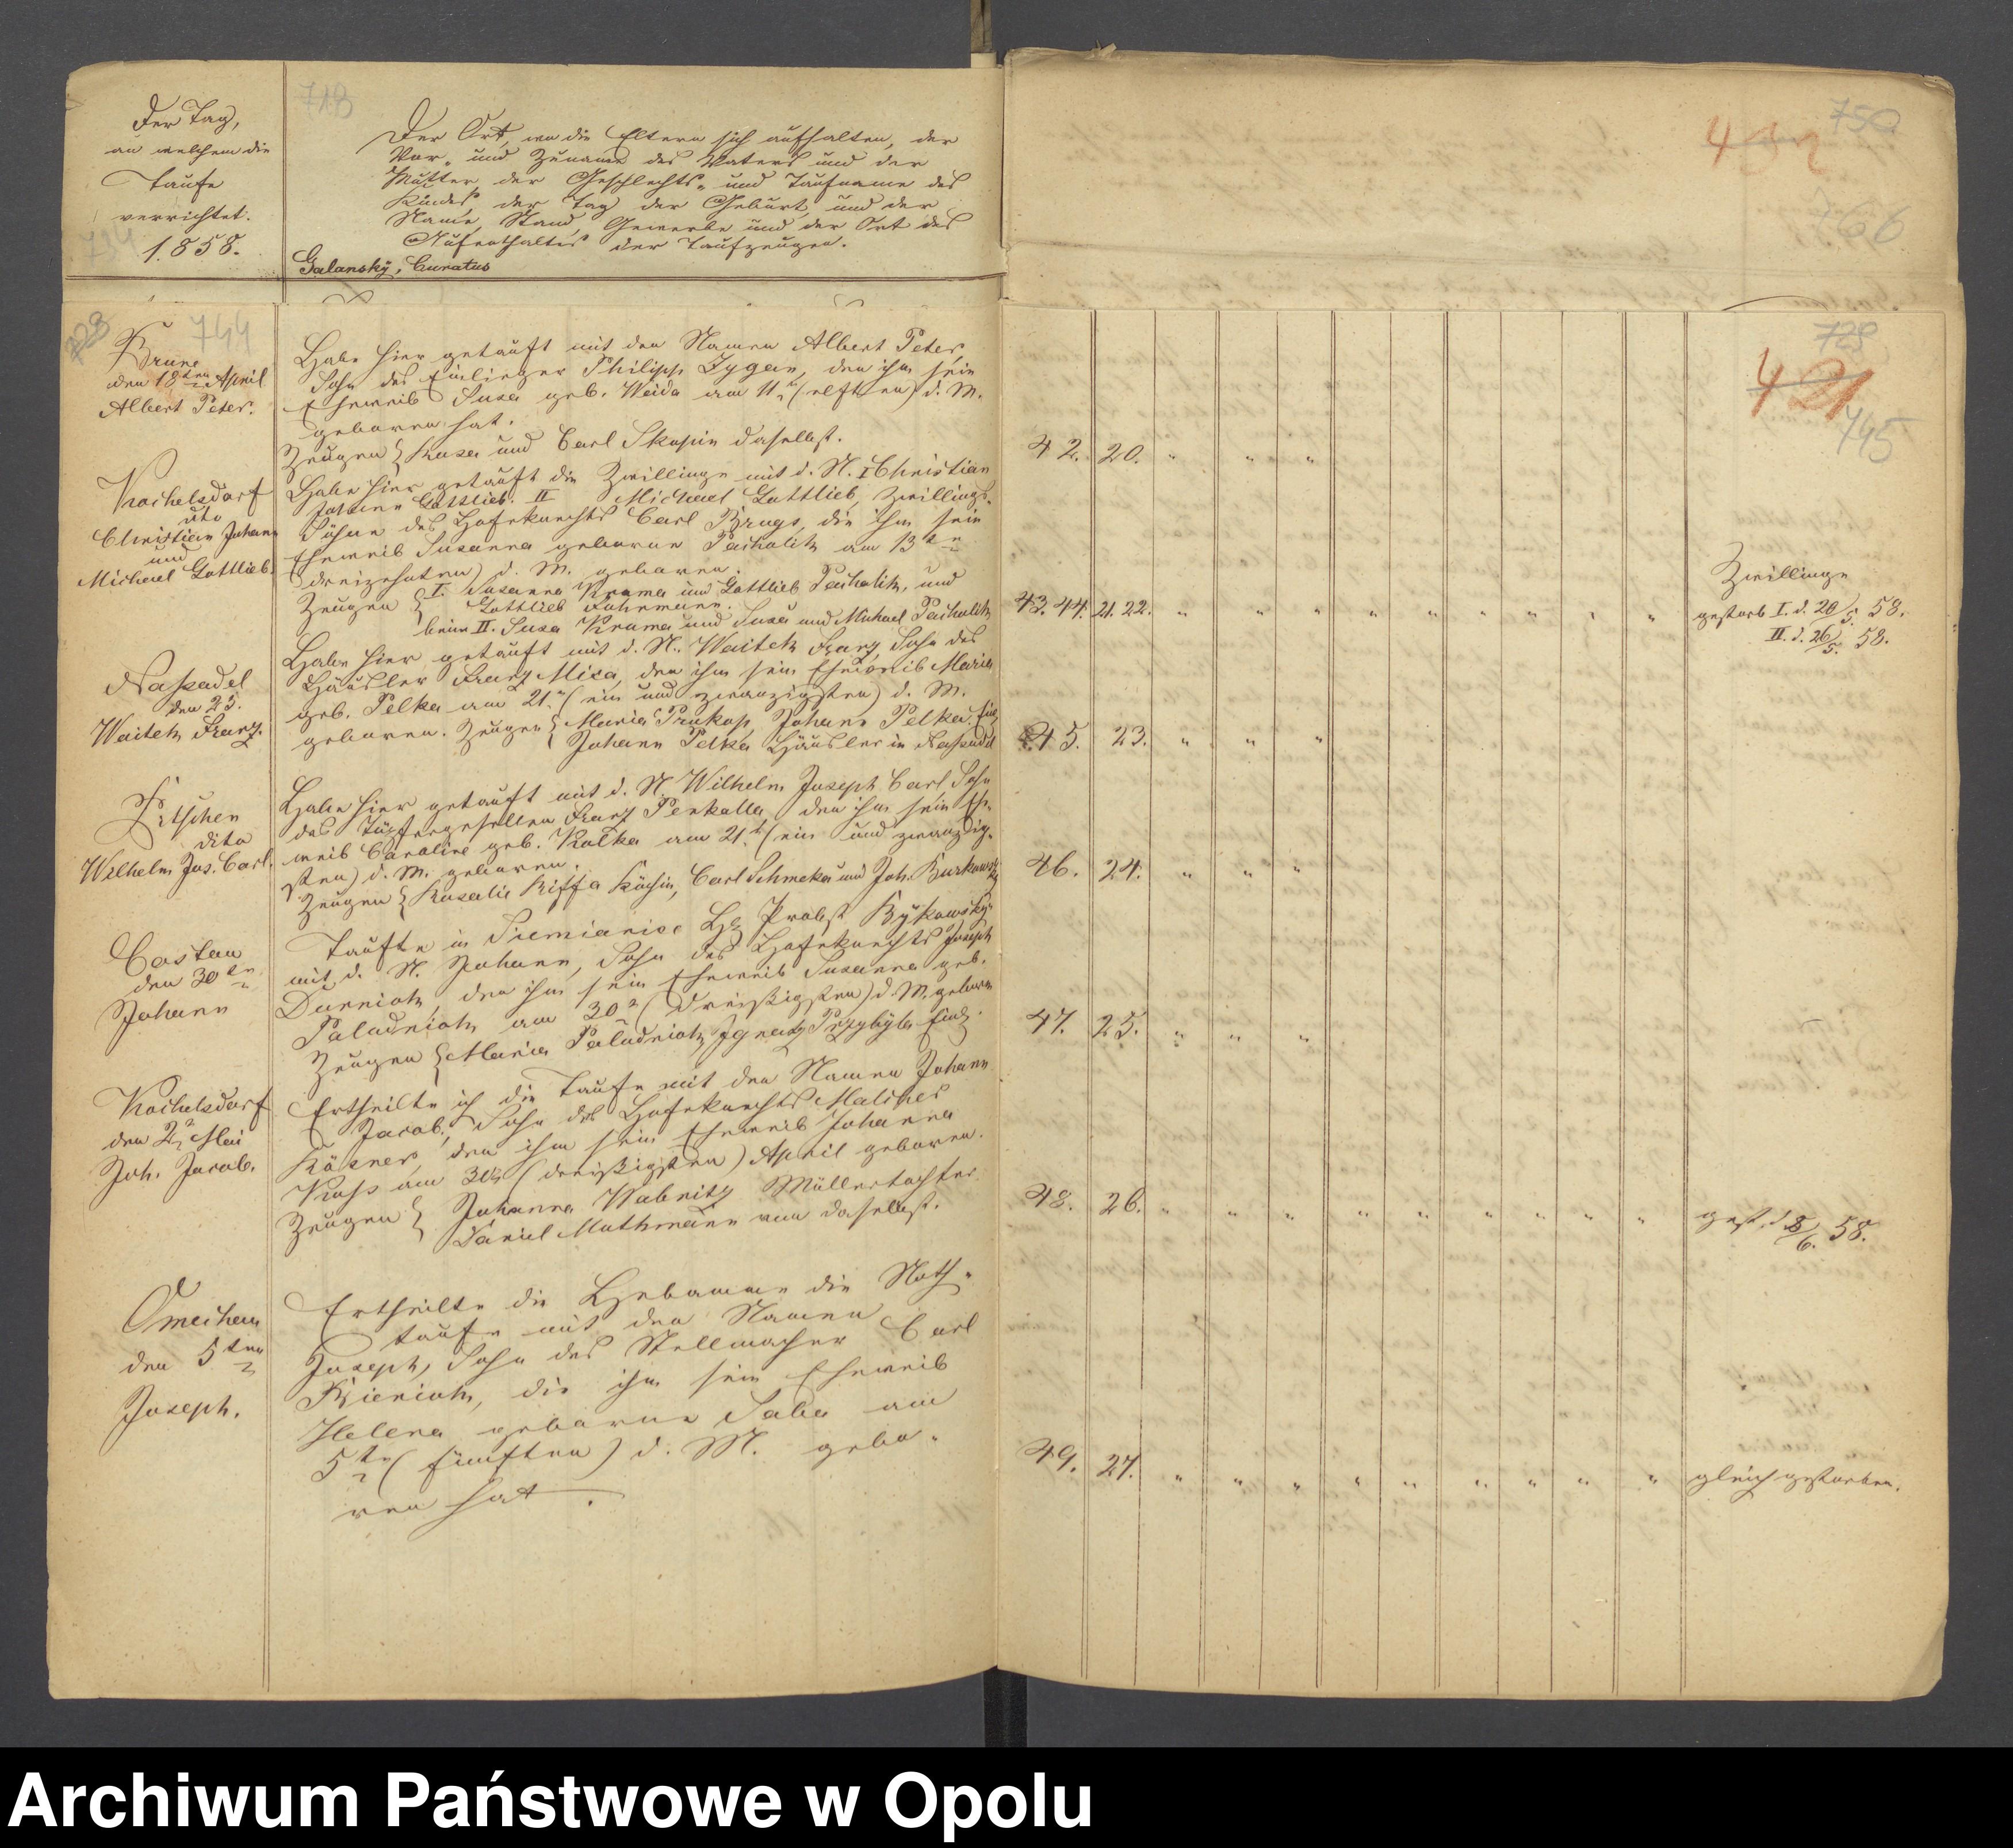 Skan z jednostki: Die Duplikate der Kirchenbücher von Pitschen evgl. [evangelisch] 1849-1861 kath. [katholisch] 1850-1861